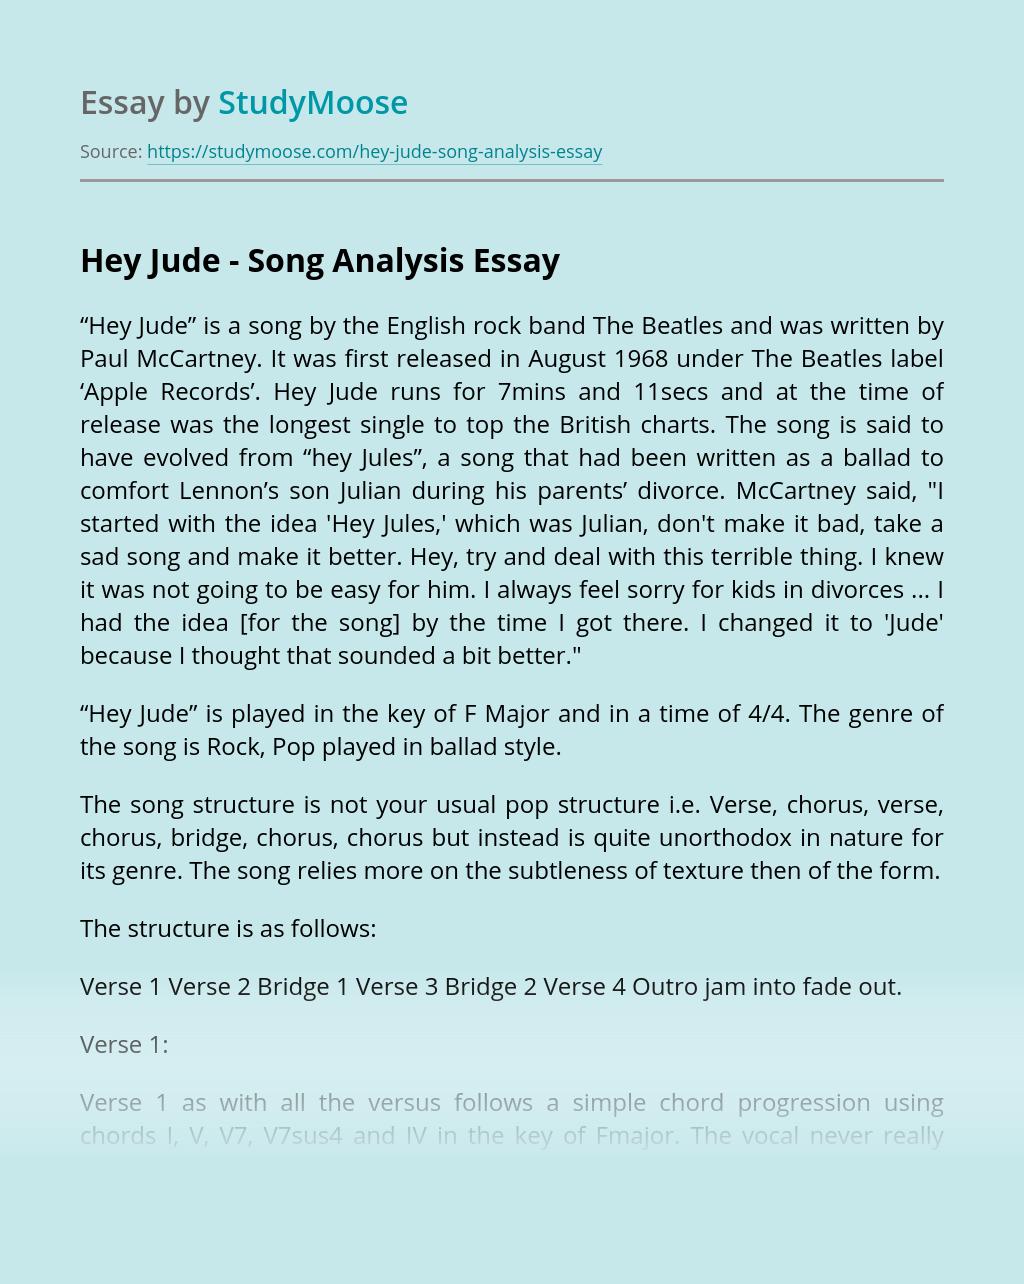 Hey Jude - Song Analysis